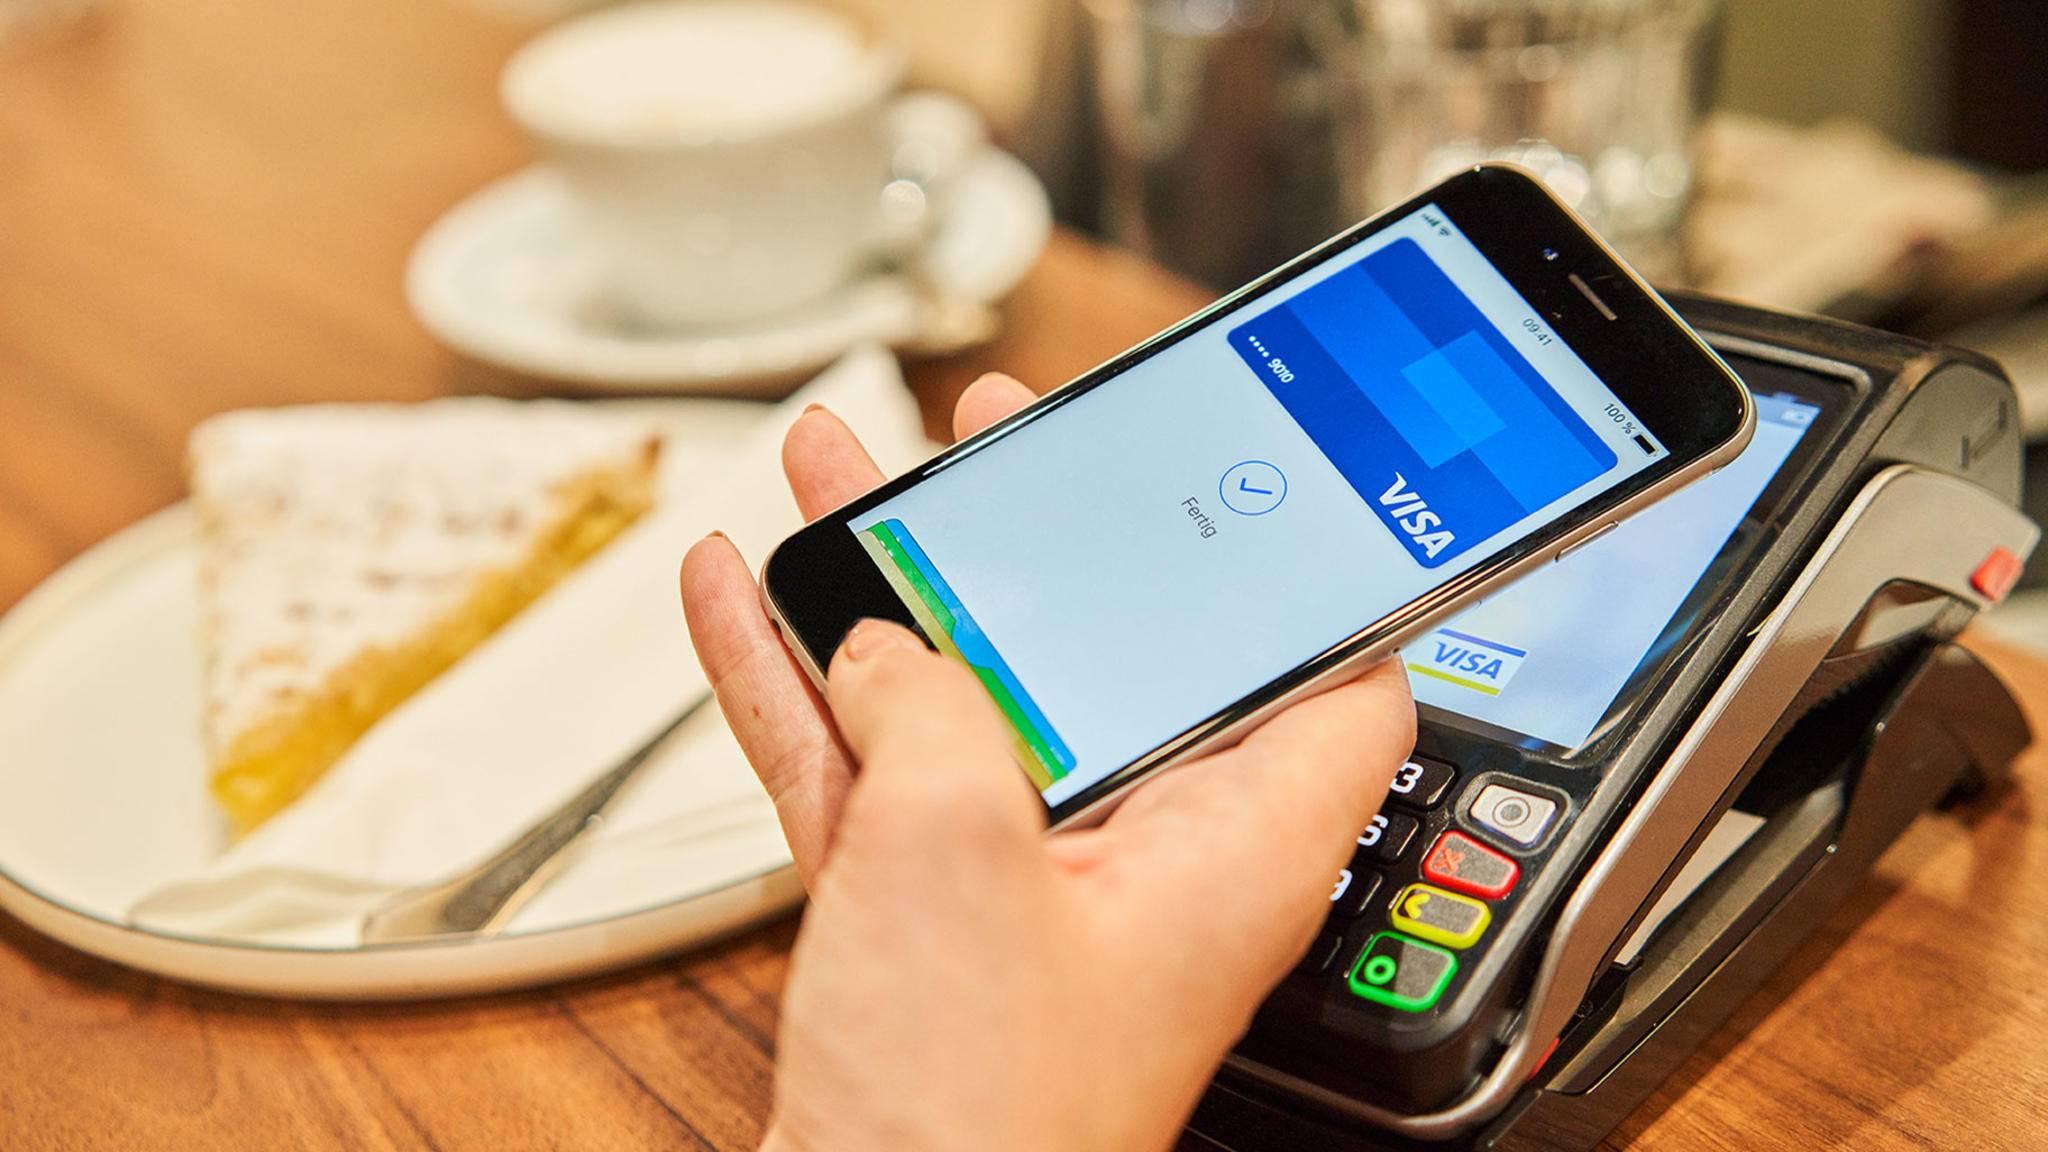 Der Startschuss für Apple Pay ist nun auch bei den Volks- und Raiffeisenbanken gefallen.